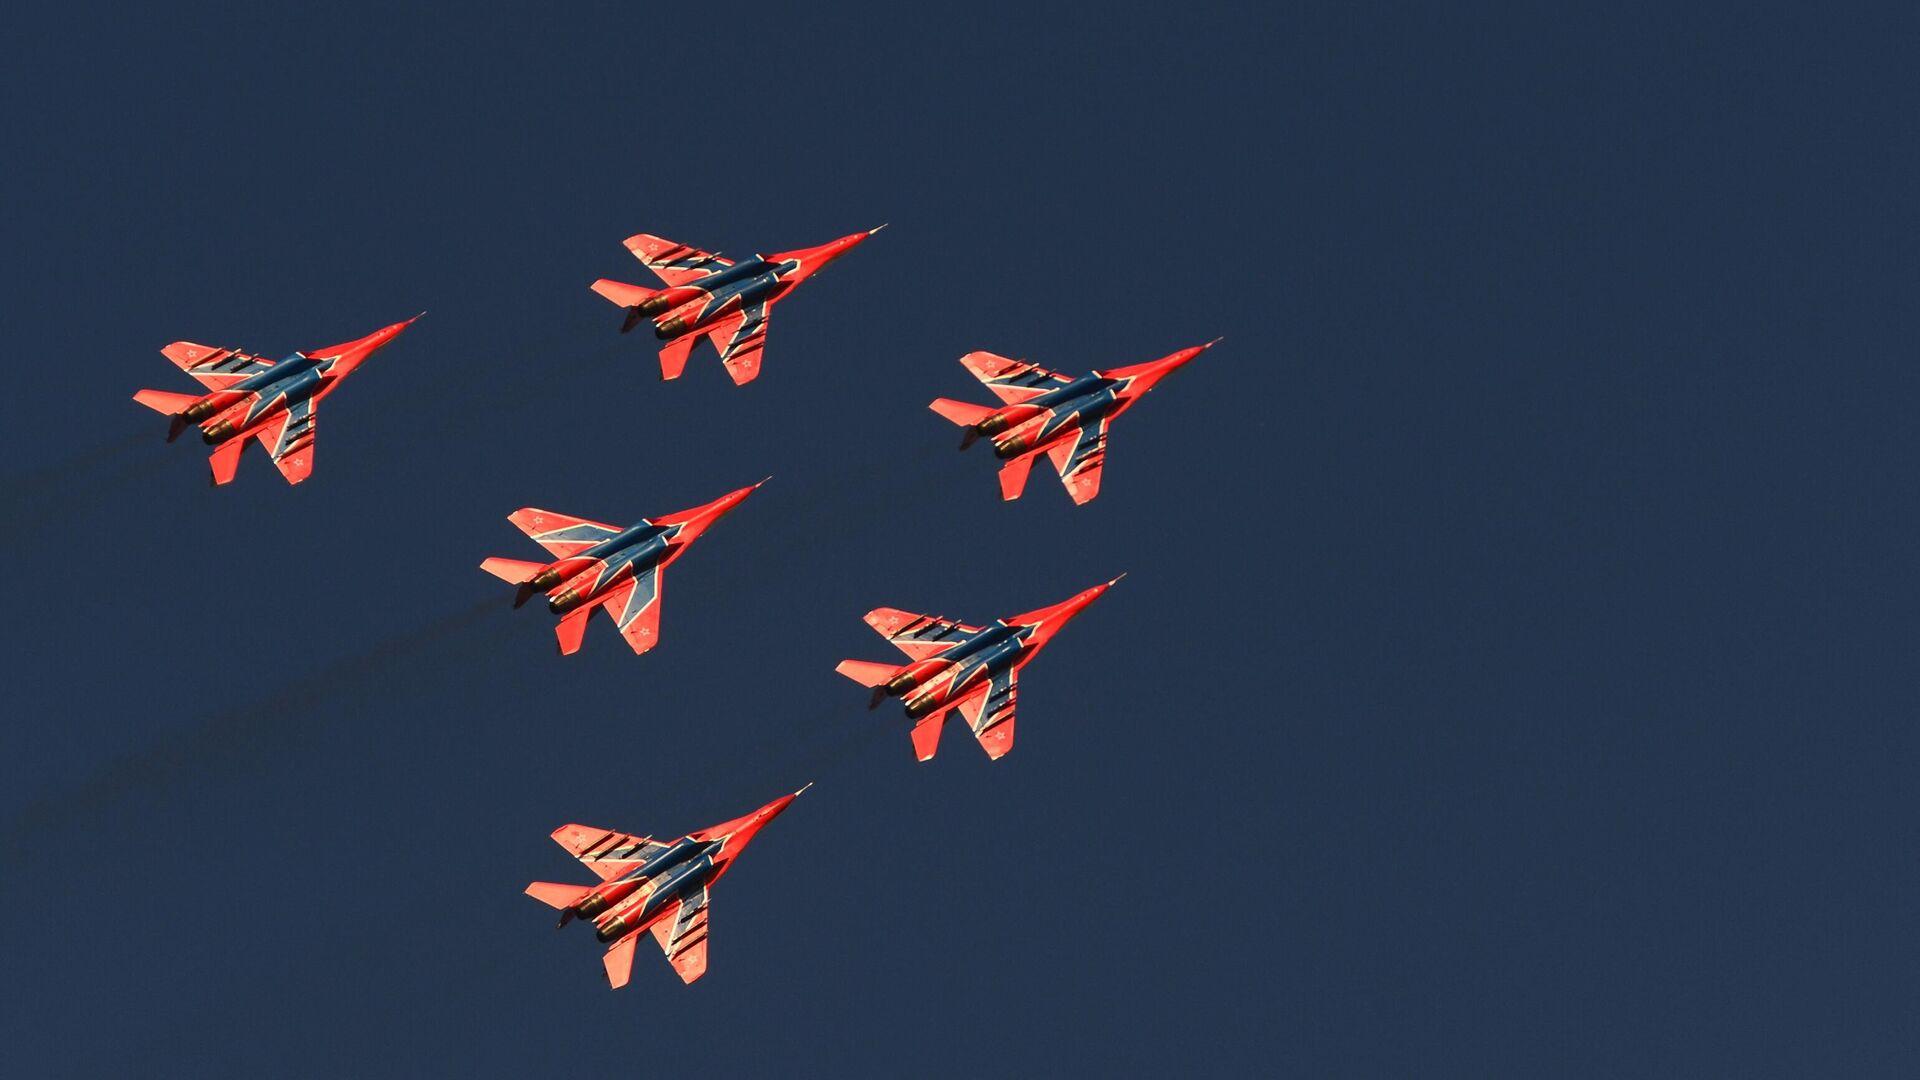 Истребители МиГ-29 пилотажной группы Стрижи выполняют демонстрационный полет на праздновании 250-летия единения Ингушетии с Россией в Сунже - РИА Новости, 1920, 12.03.2021